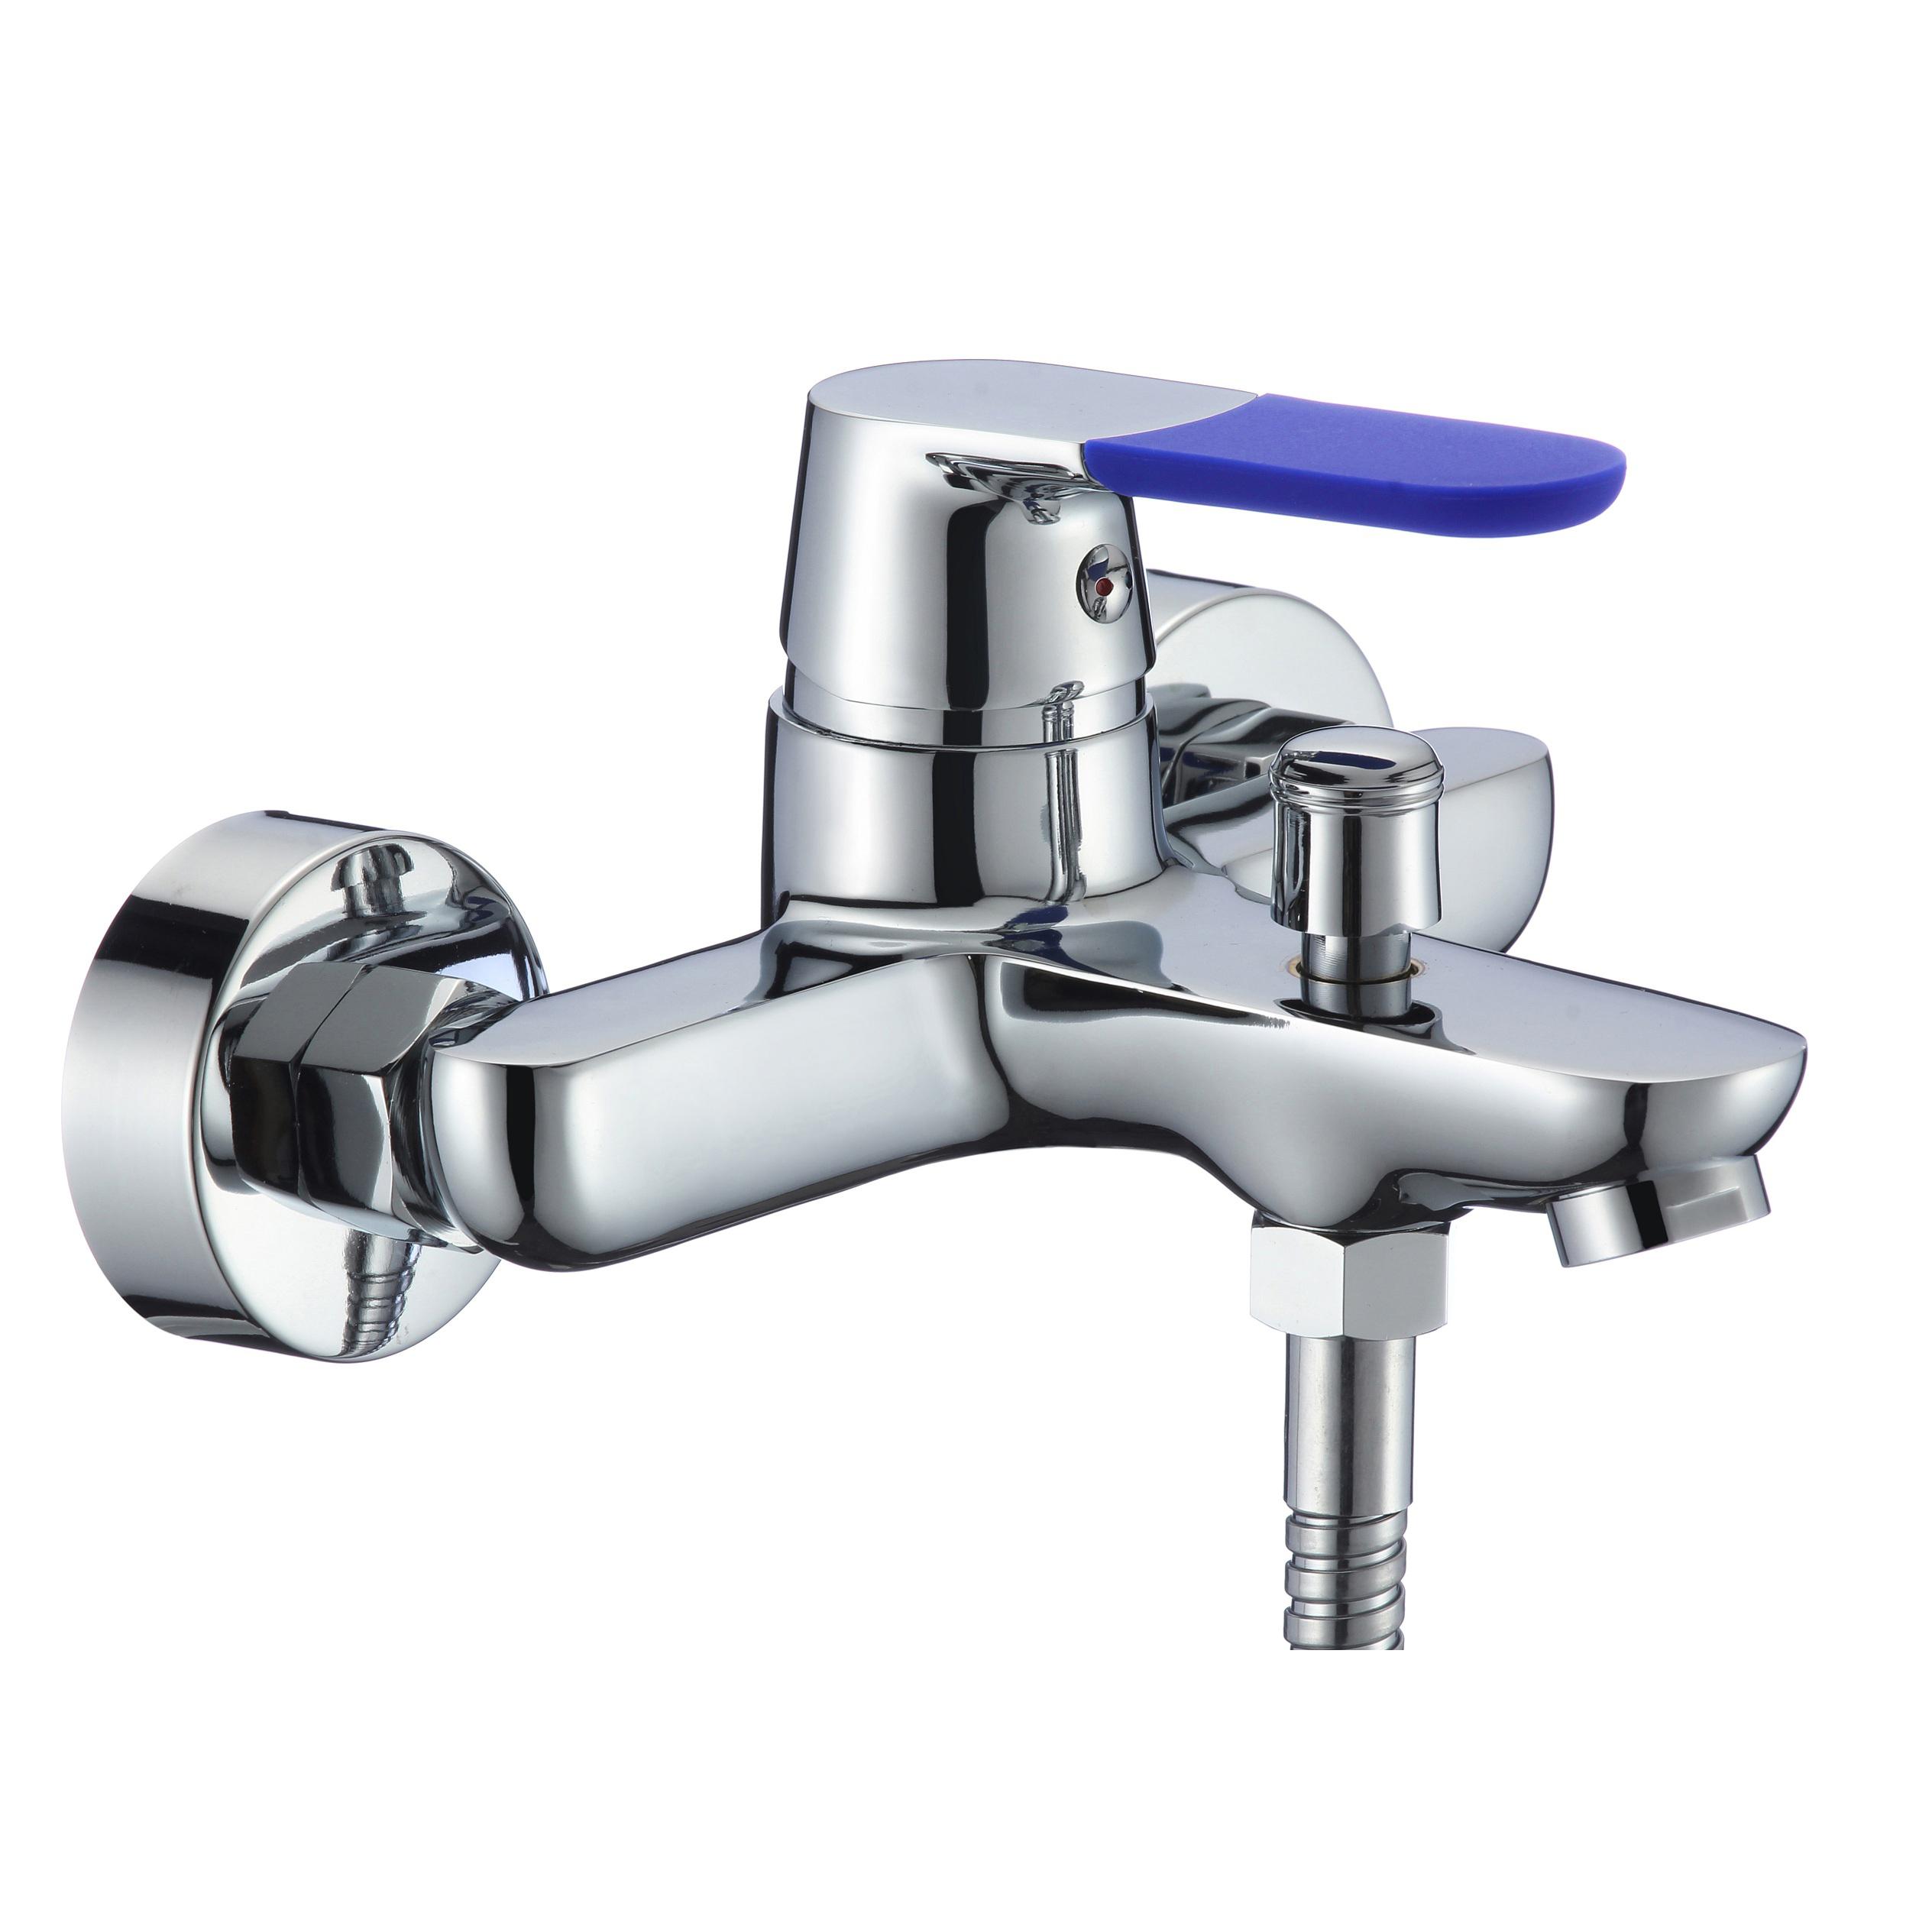 B0074-F Китай для ванной комнаты из цинкового кран, Новый цинковый смеситель для горячей и холодной воды, Цинковый водопроводной